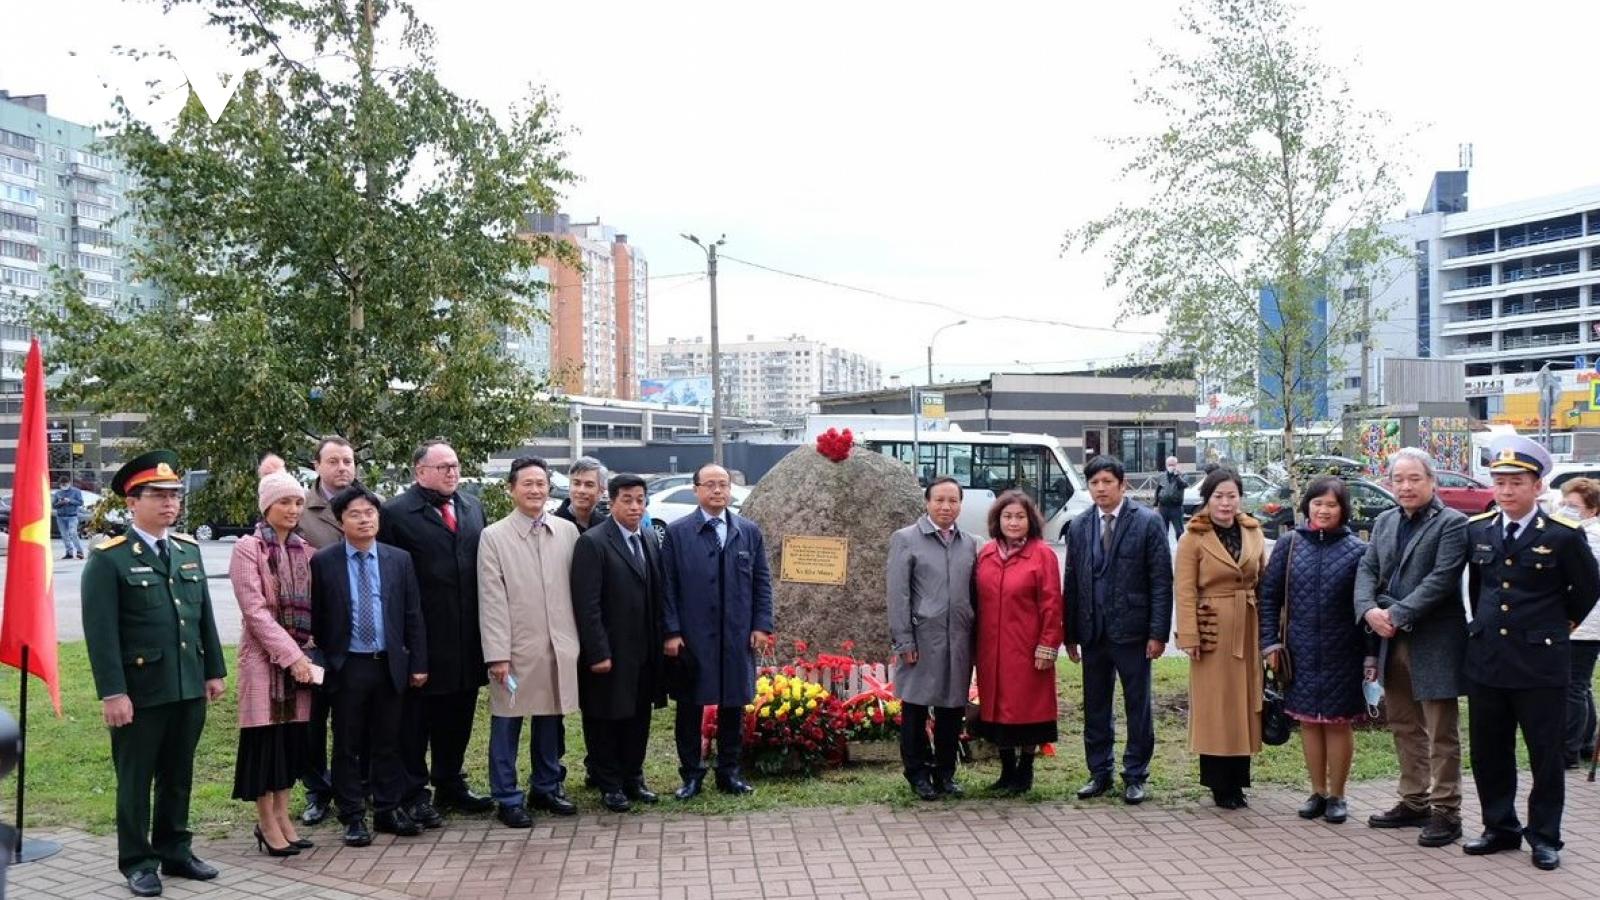 Dựng tượng đài thứ 5 của Chủ tịch Hồ Chí Minh tại LB Nga.